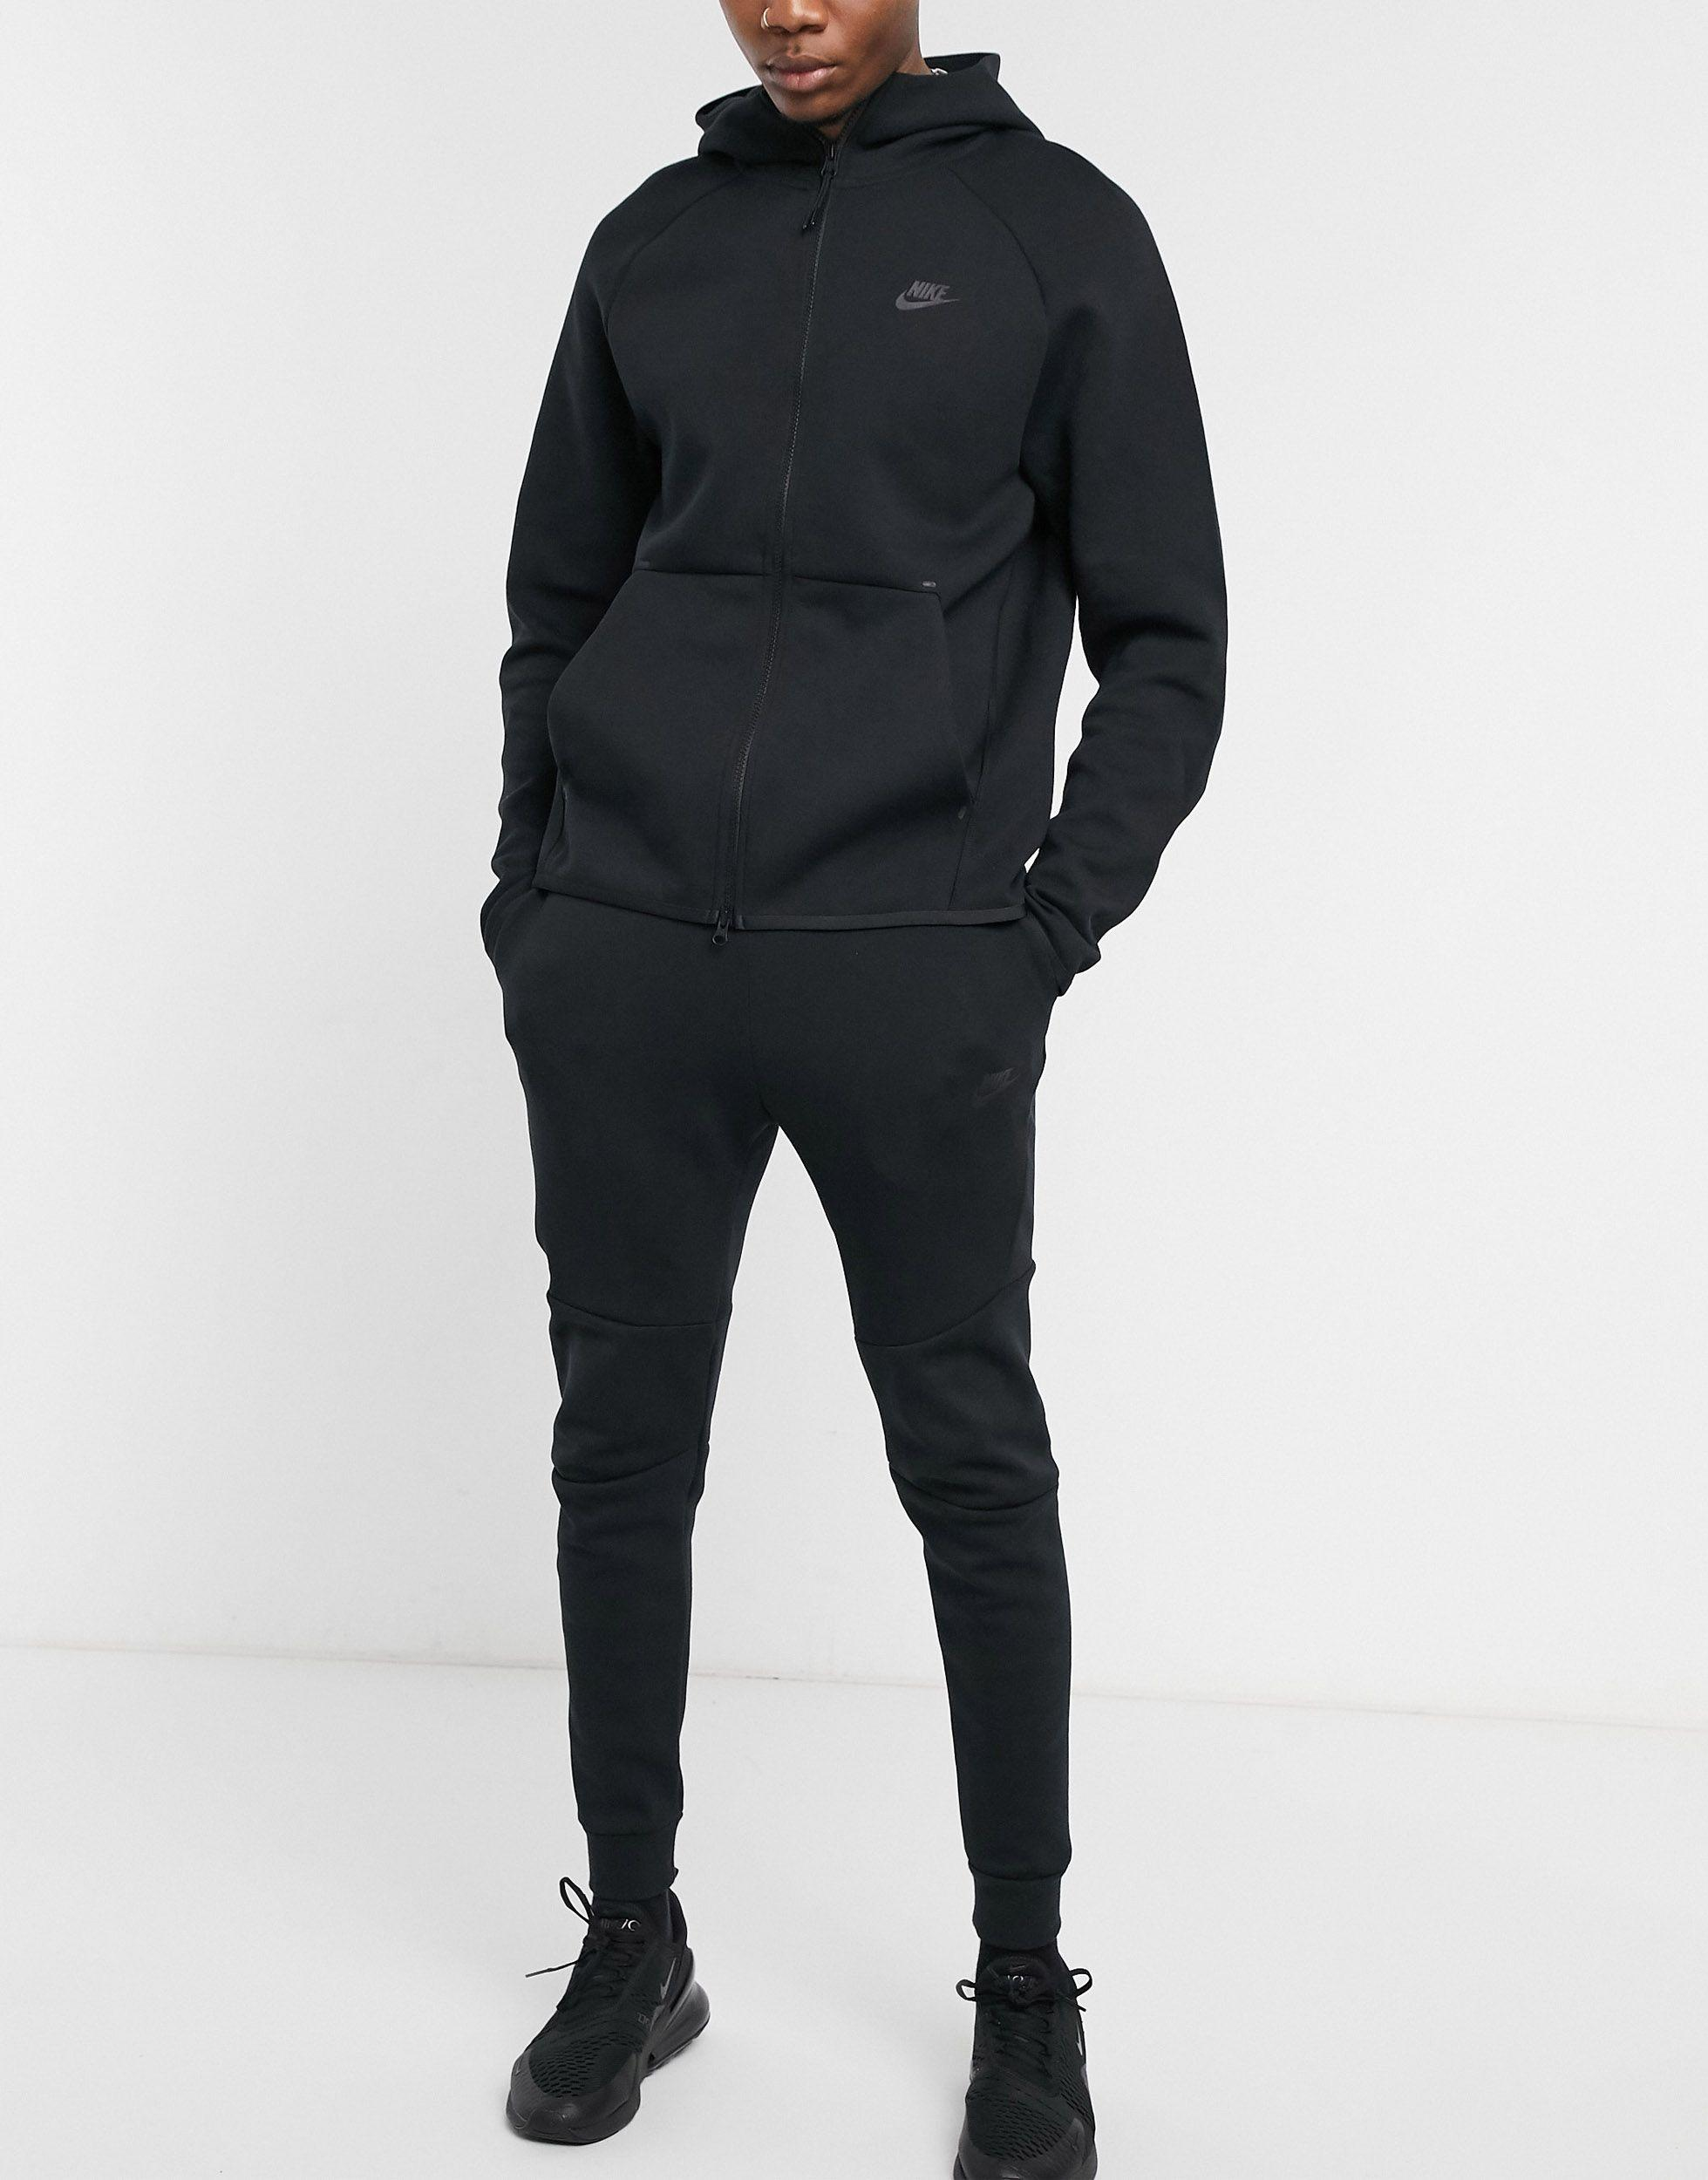 Nike Tech Fleece Joggers Men's in Black